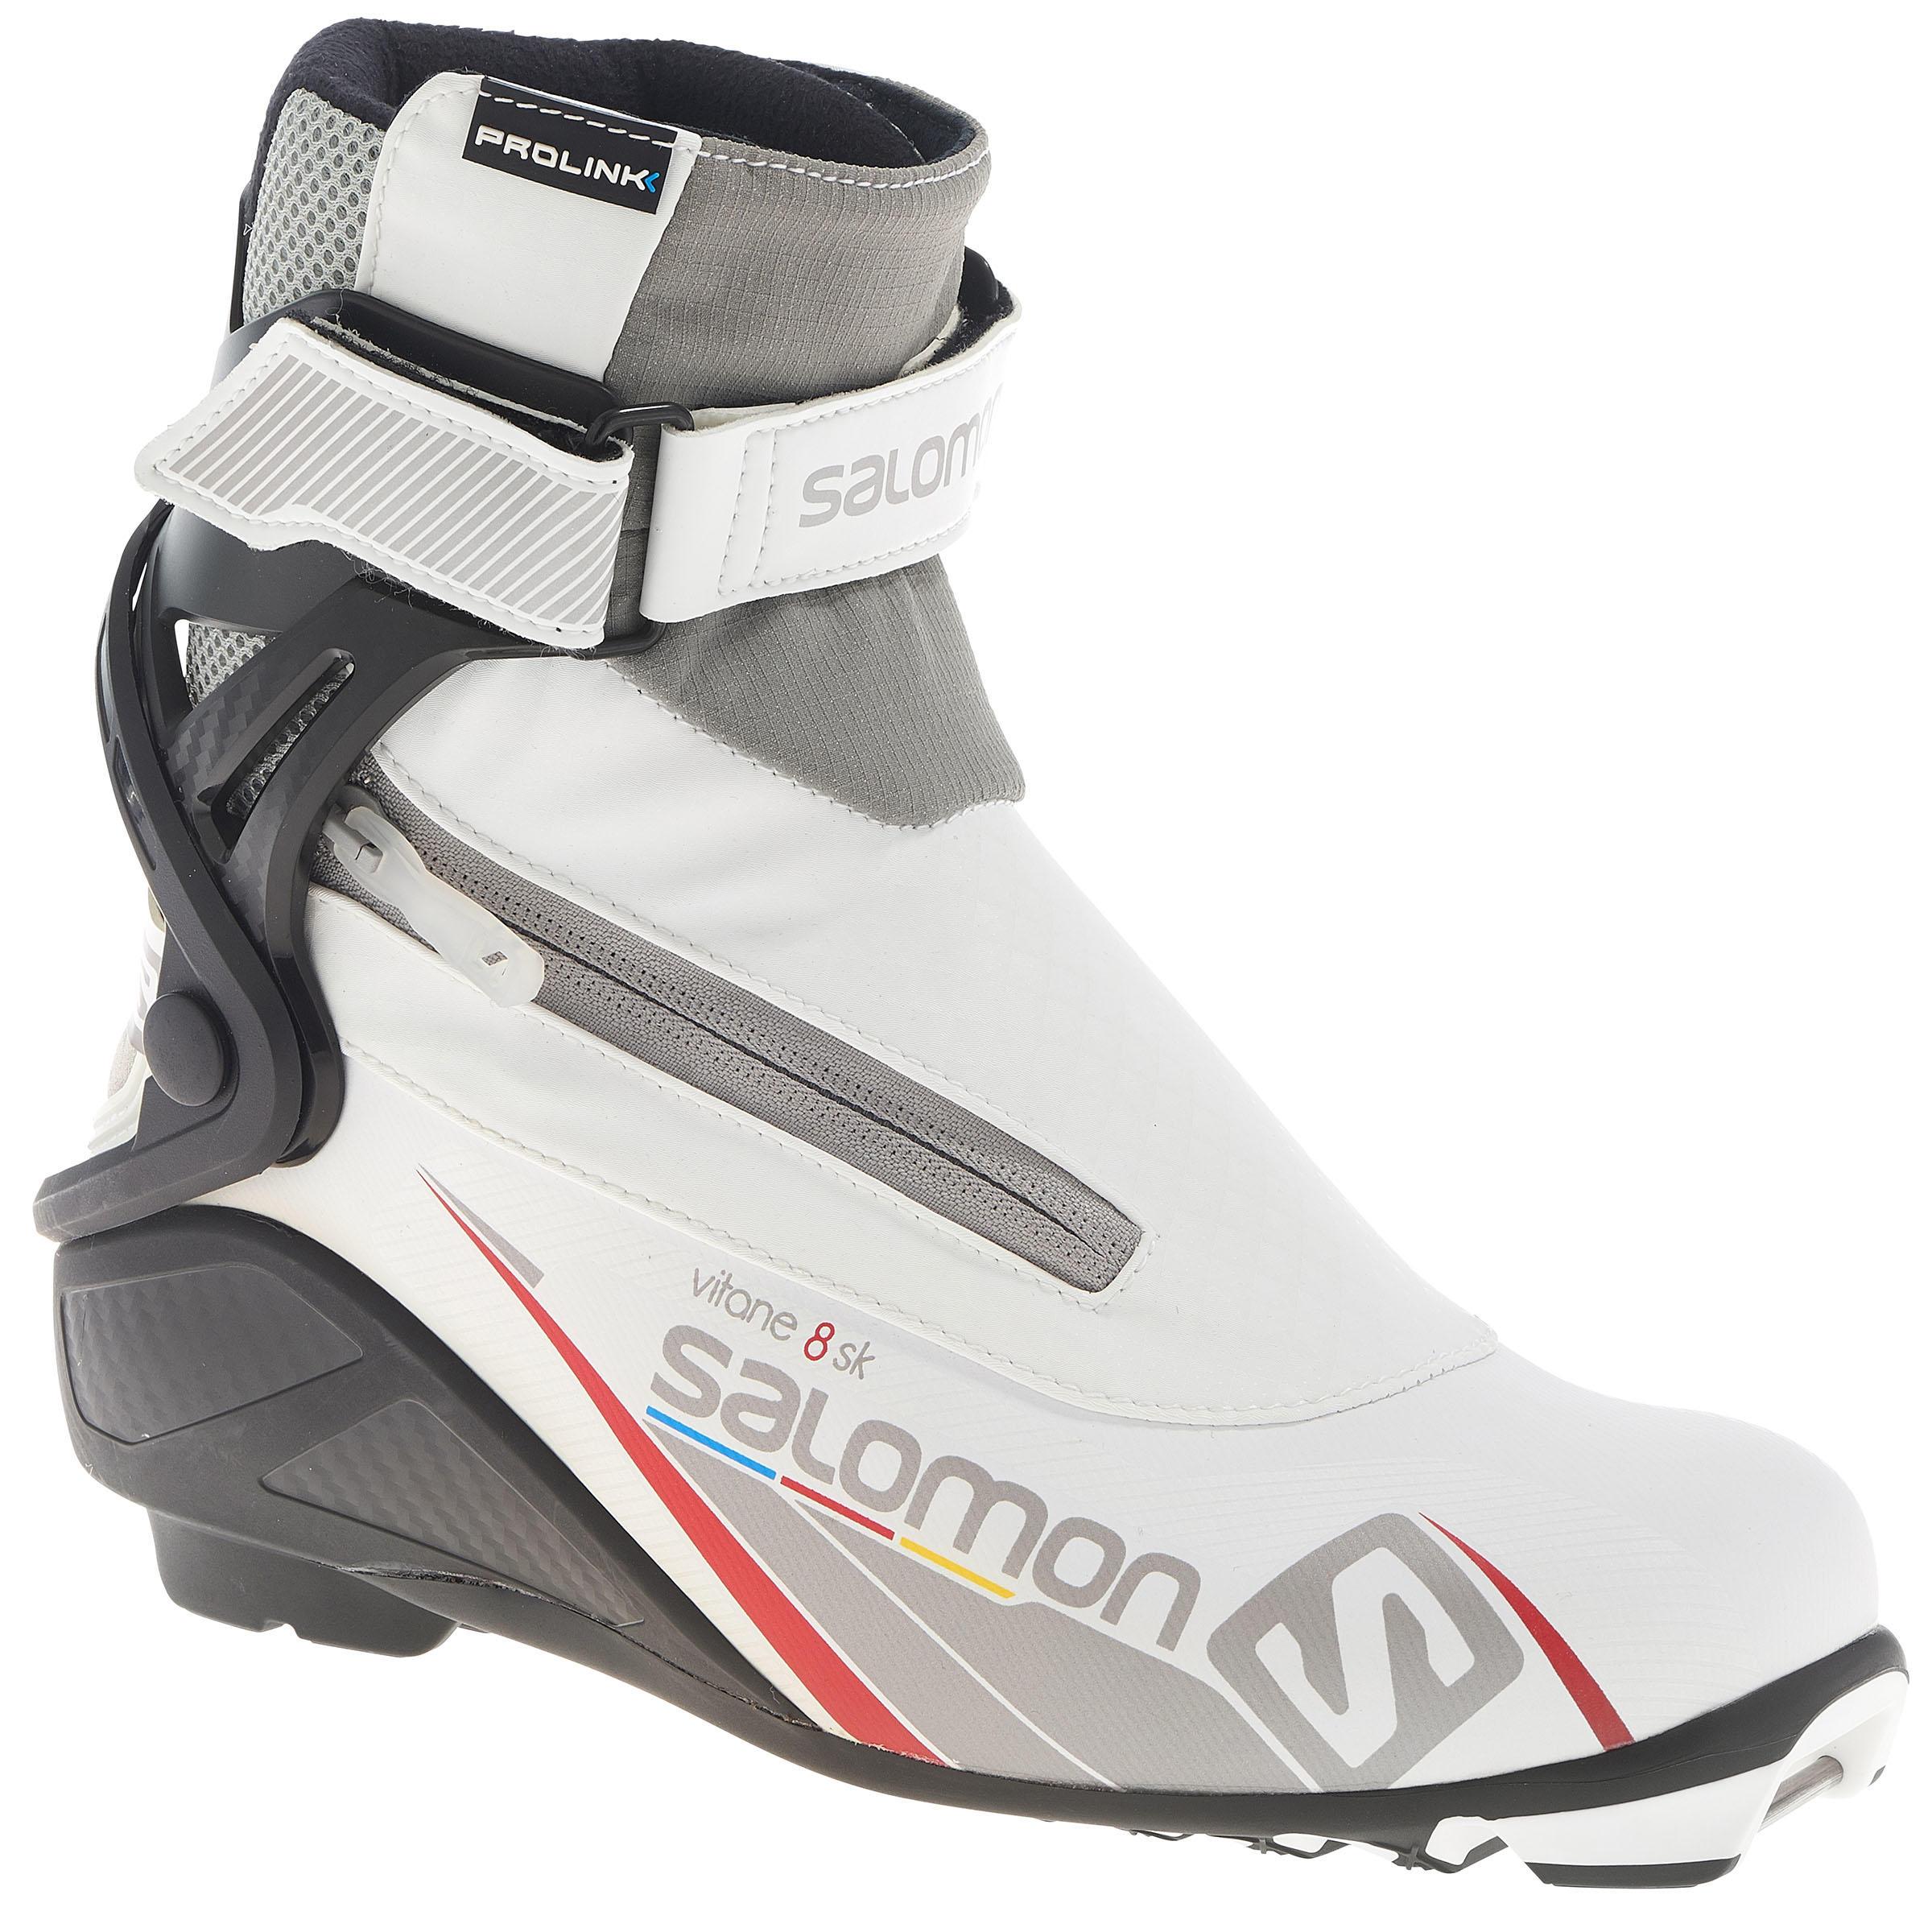 Salomon Langlaufschoenen voor dames, voor sportief skating, Vitane 8 Prolink thumbnail